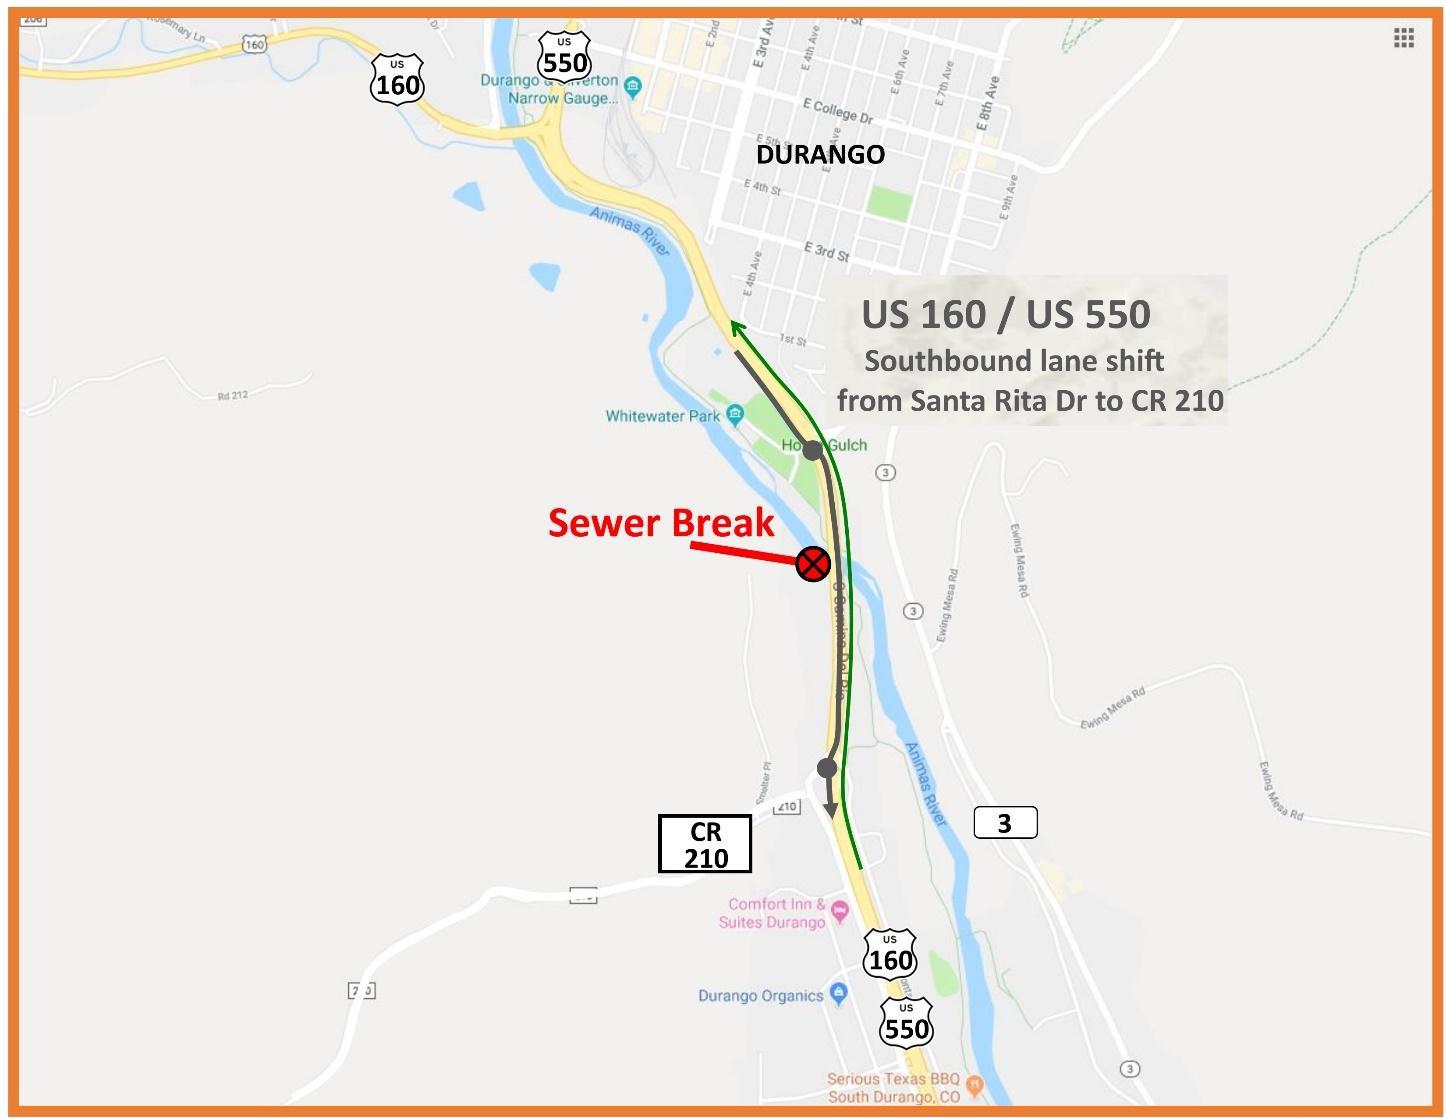 US 550 Sewage Break Map